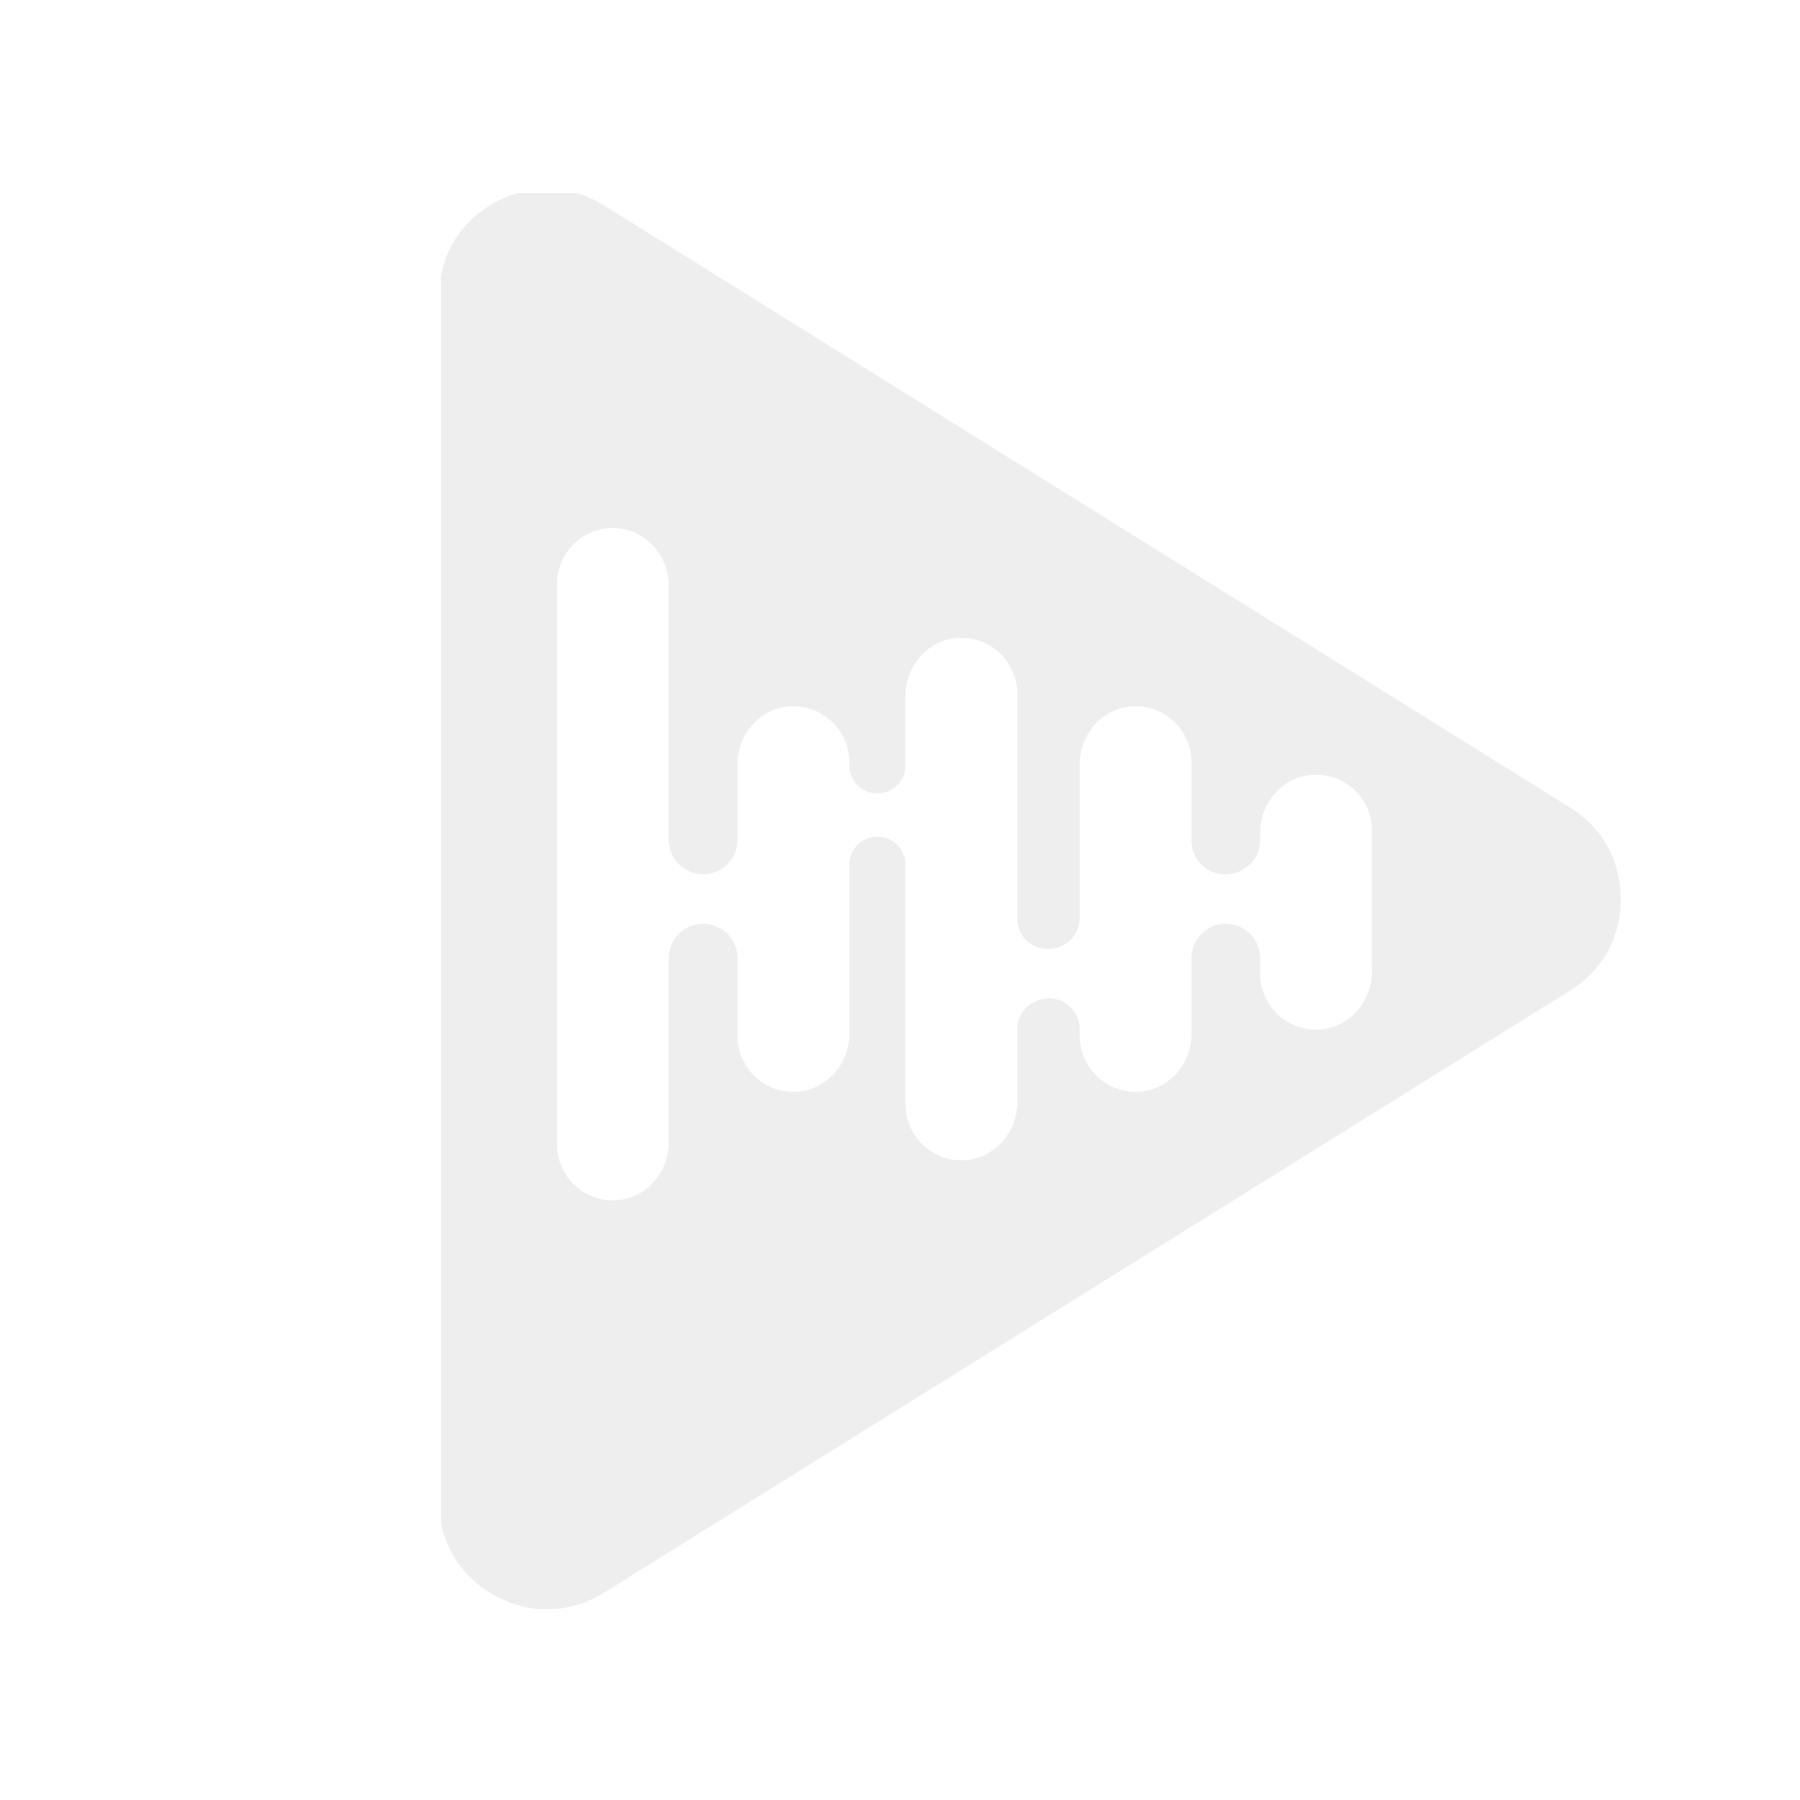 Canton GLE 496 - Gulvstående høyttaler, hvit